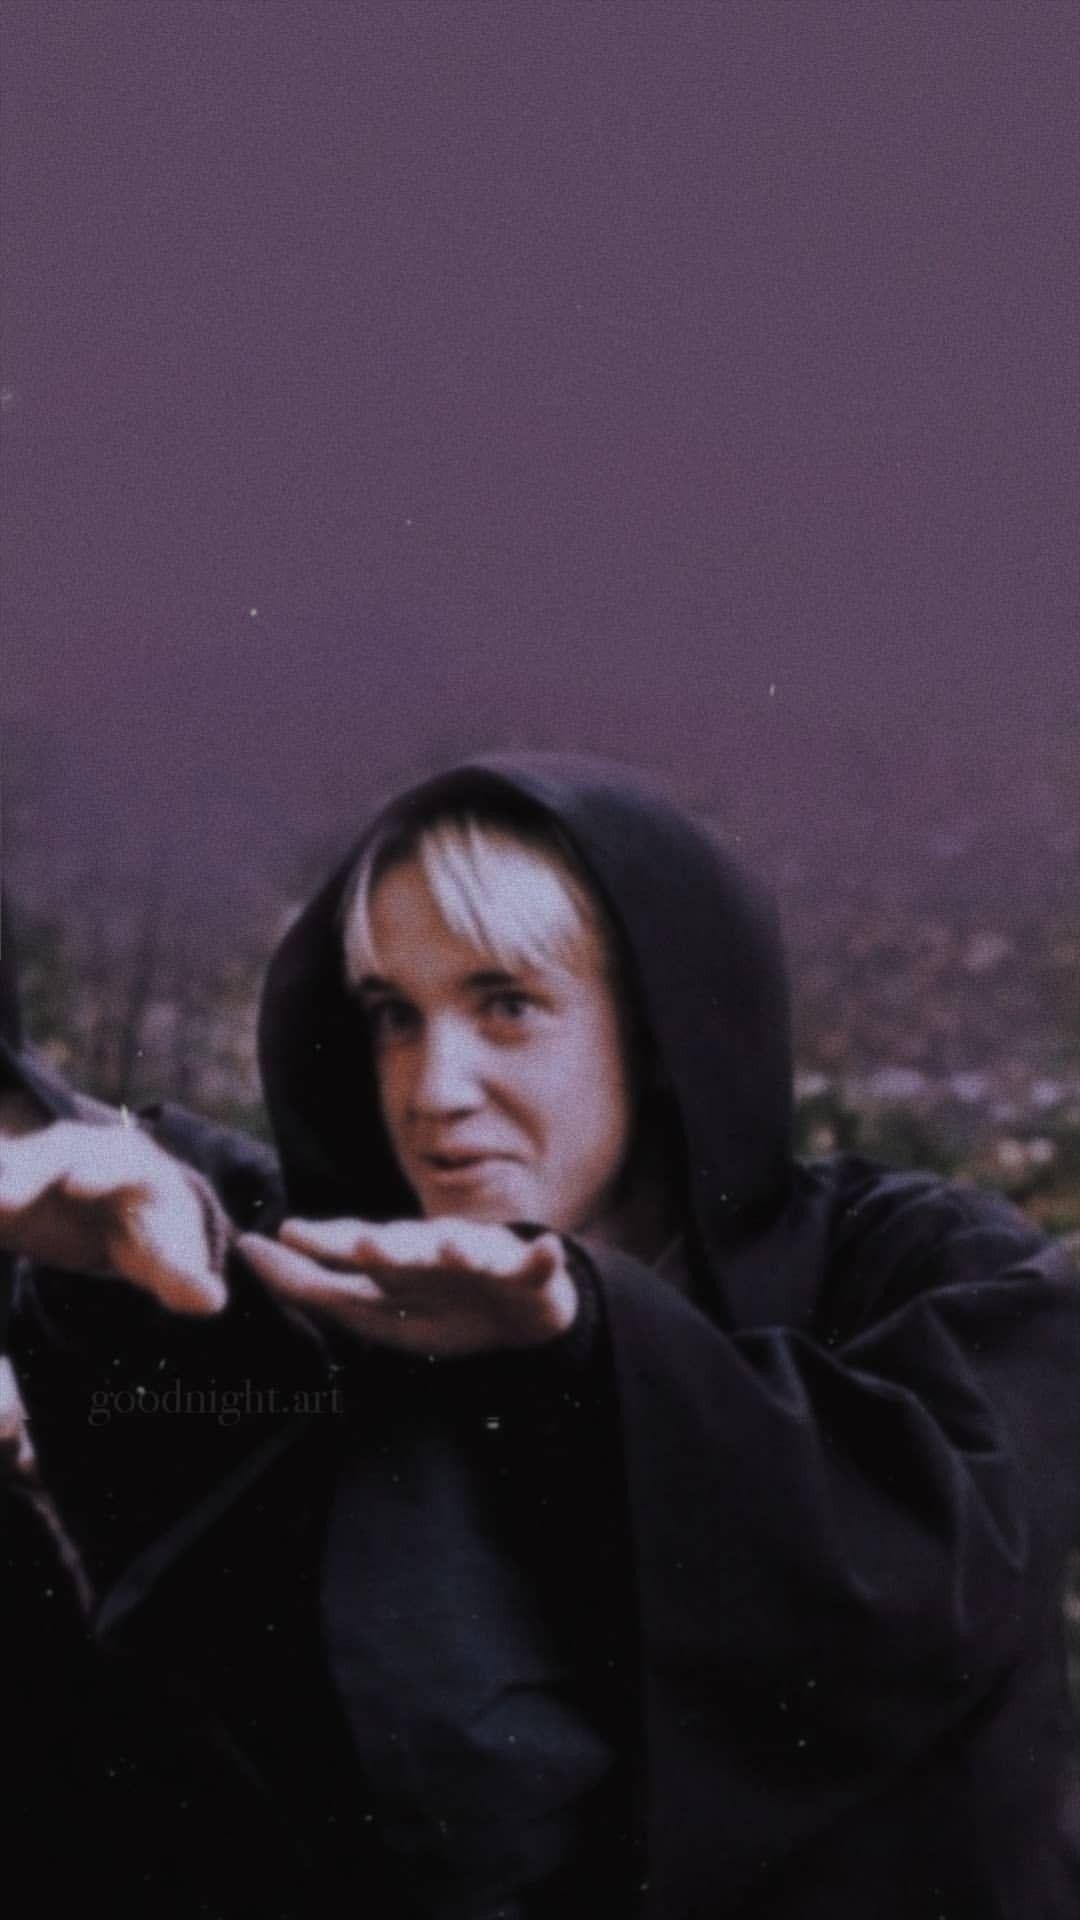 ᵂᴬᴸᴸᴾᴬᴾᴱᴿˢ - Harry Potter